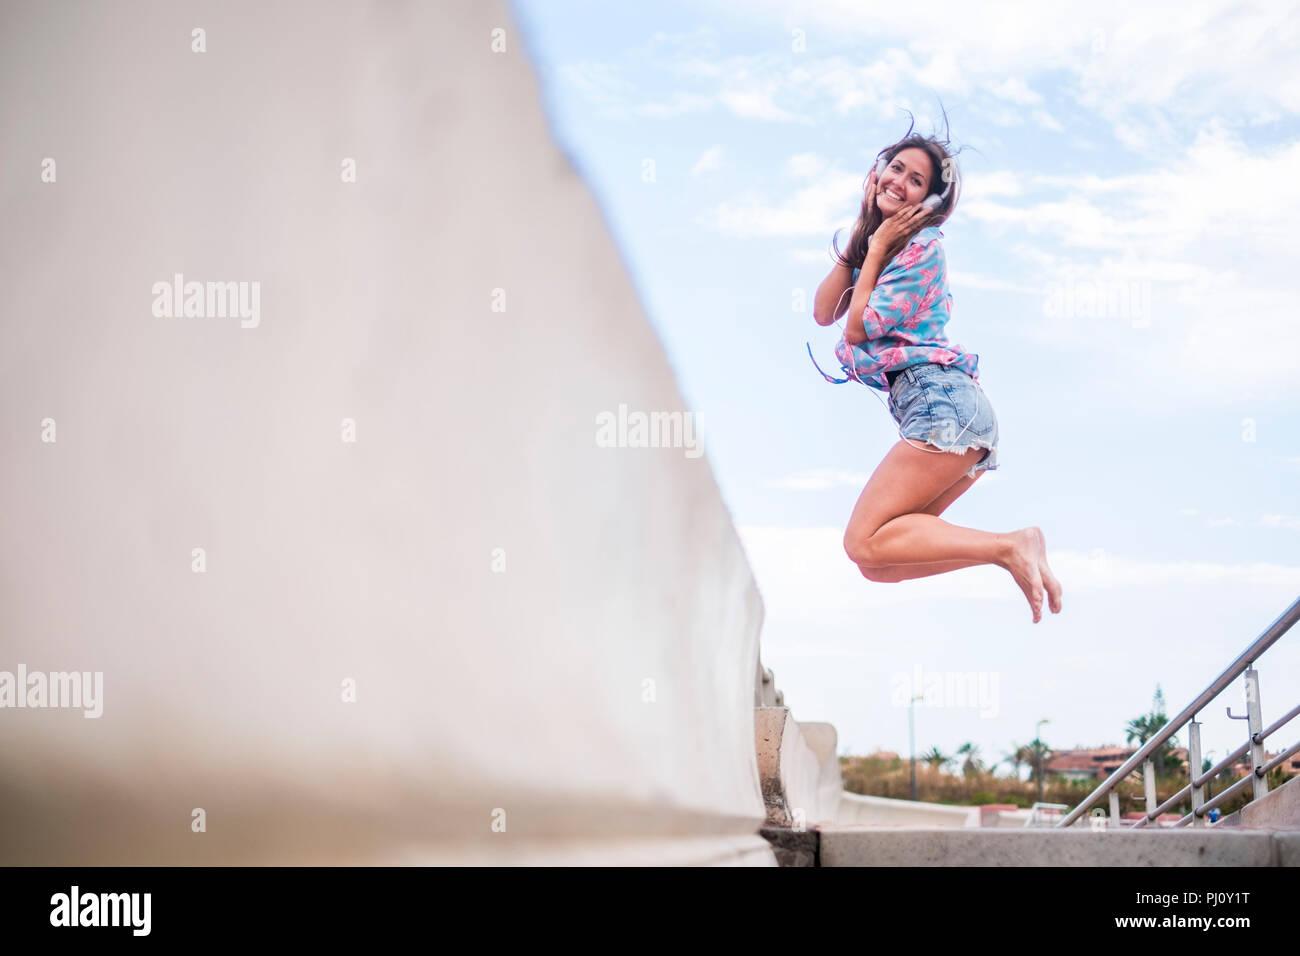 Concetto di felicità con la giovane bella ragazza jumping con gioiosa contro un cielo bianco sfondo blu. lato mare luogo. Allegra donna caucasica un sorriso Immagini Stock